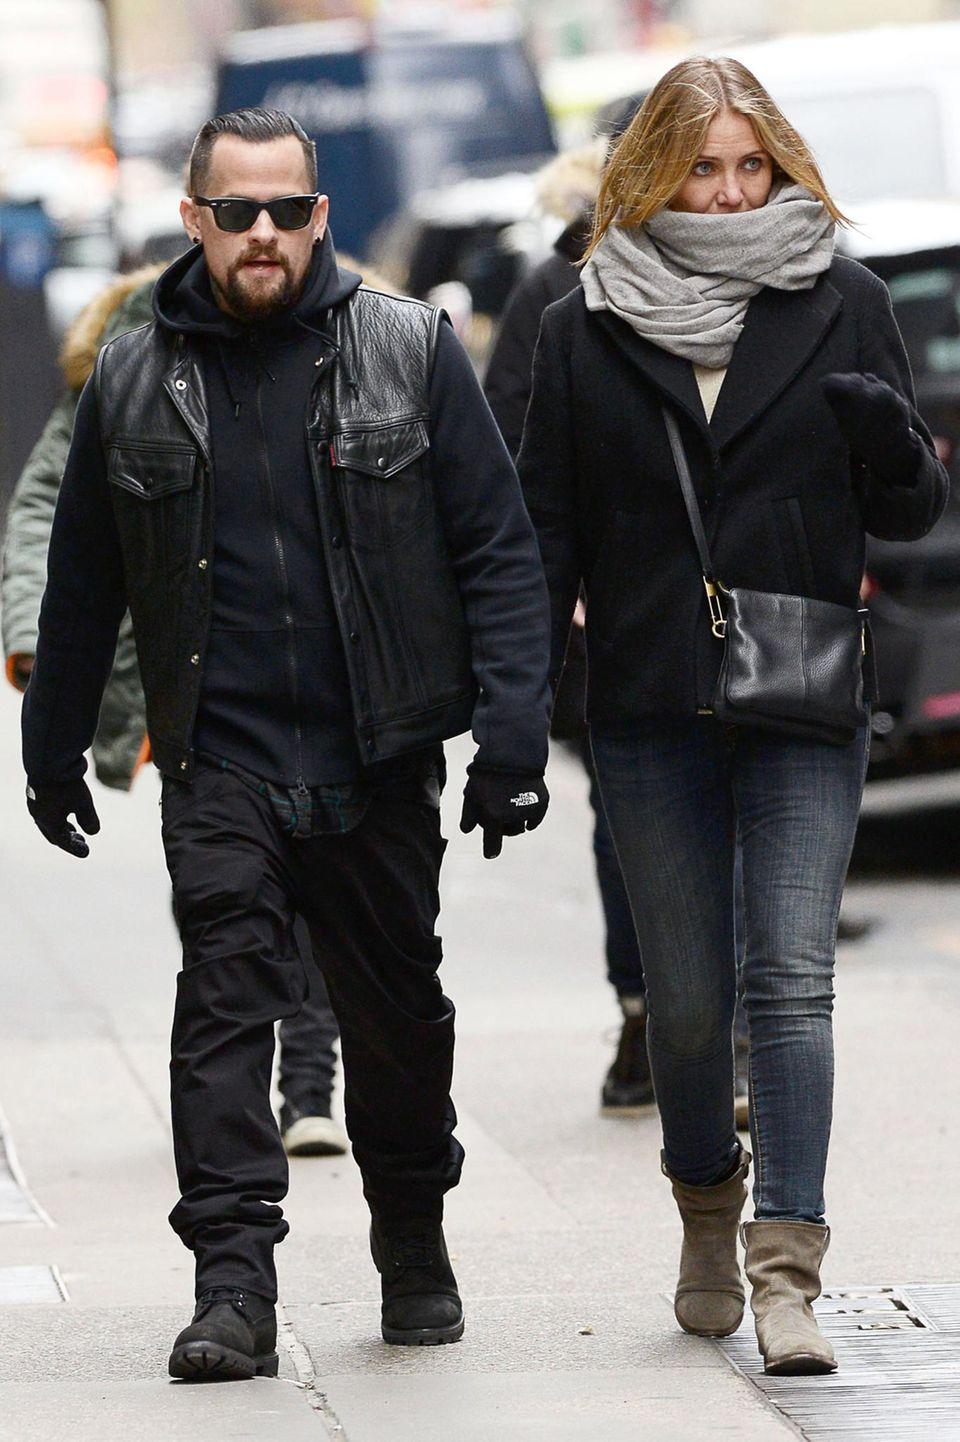 29. November 2014: Cameron Diaz und Benji Madden schlendern dick eingepackt und Hand in Hand durch das winterlich kalte New York.